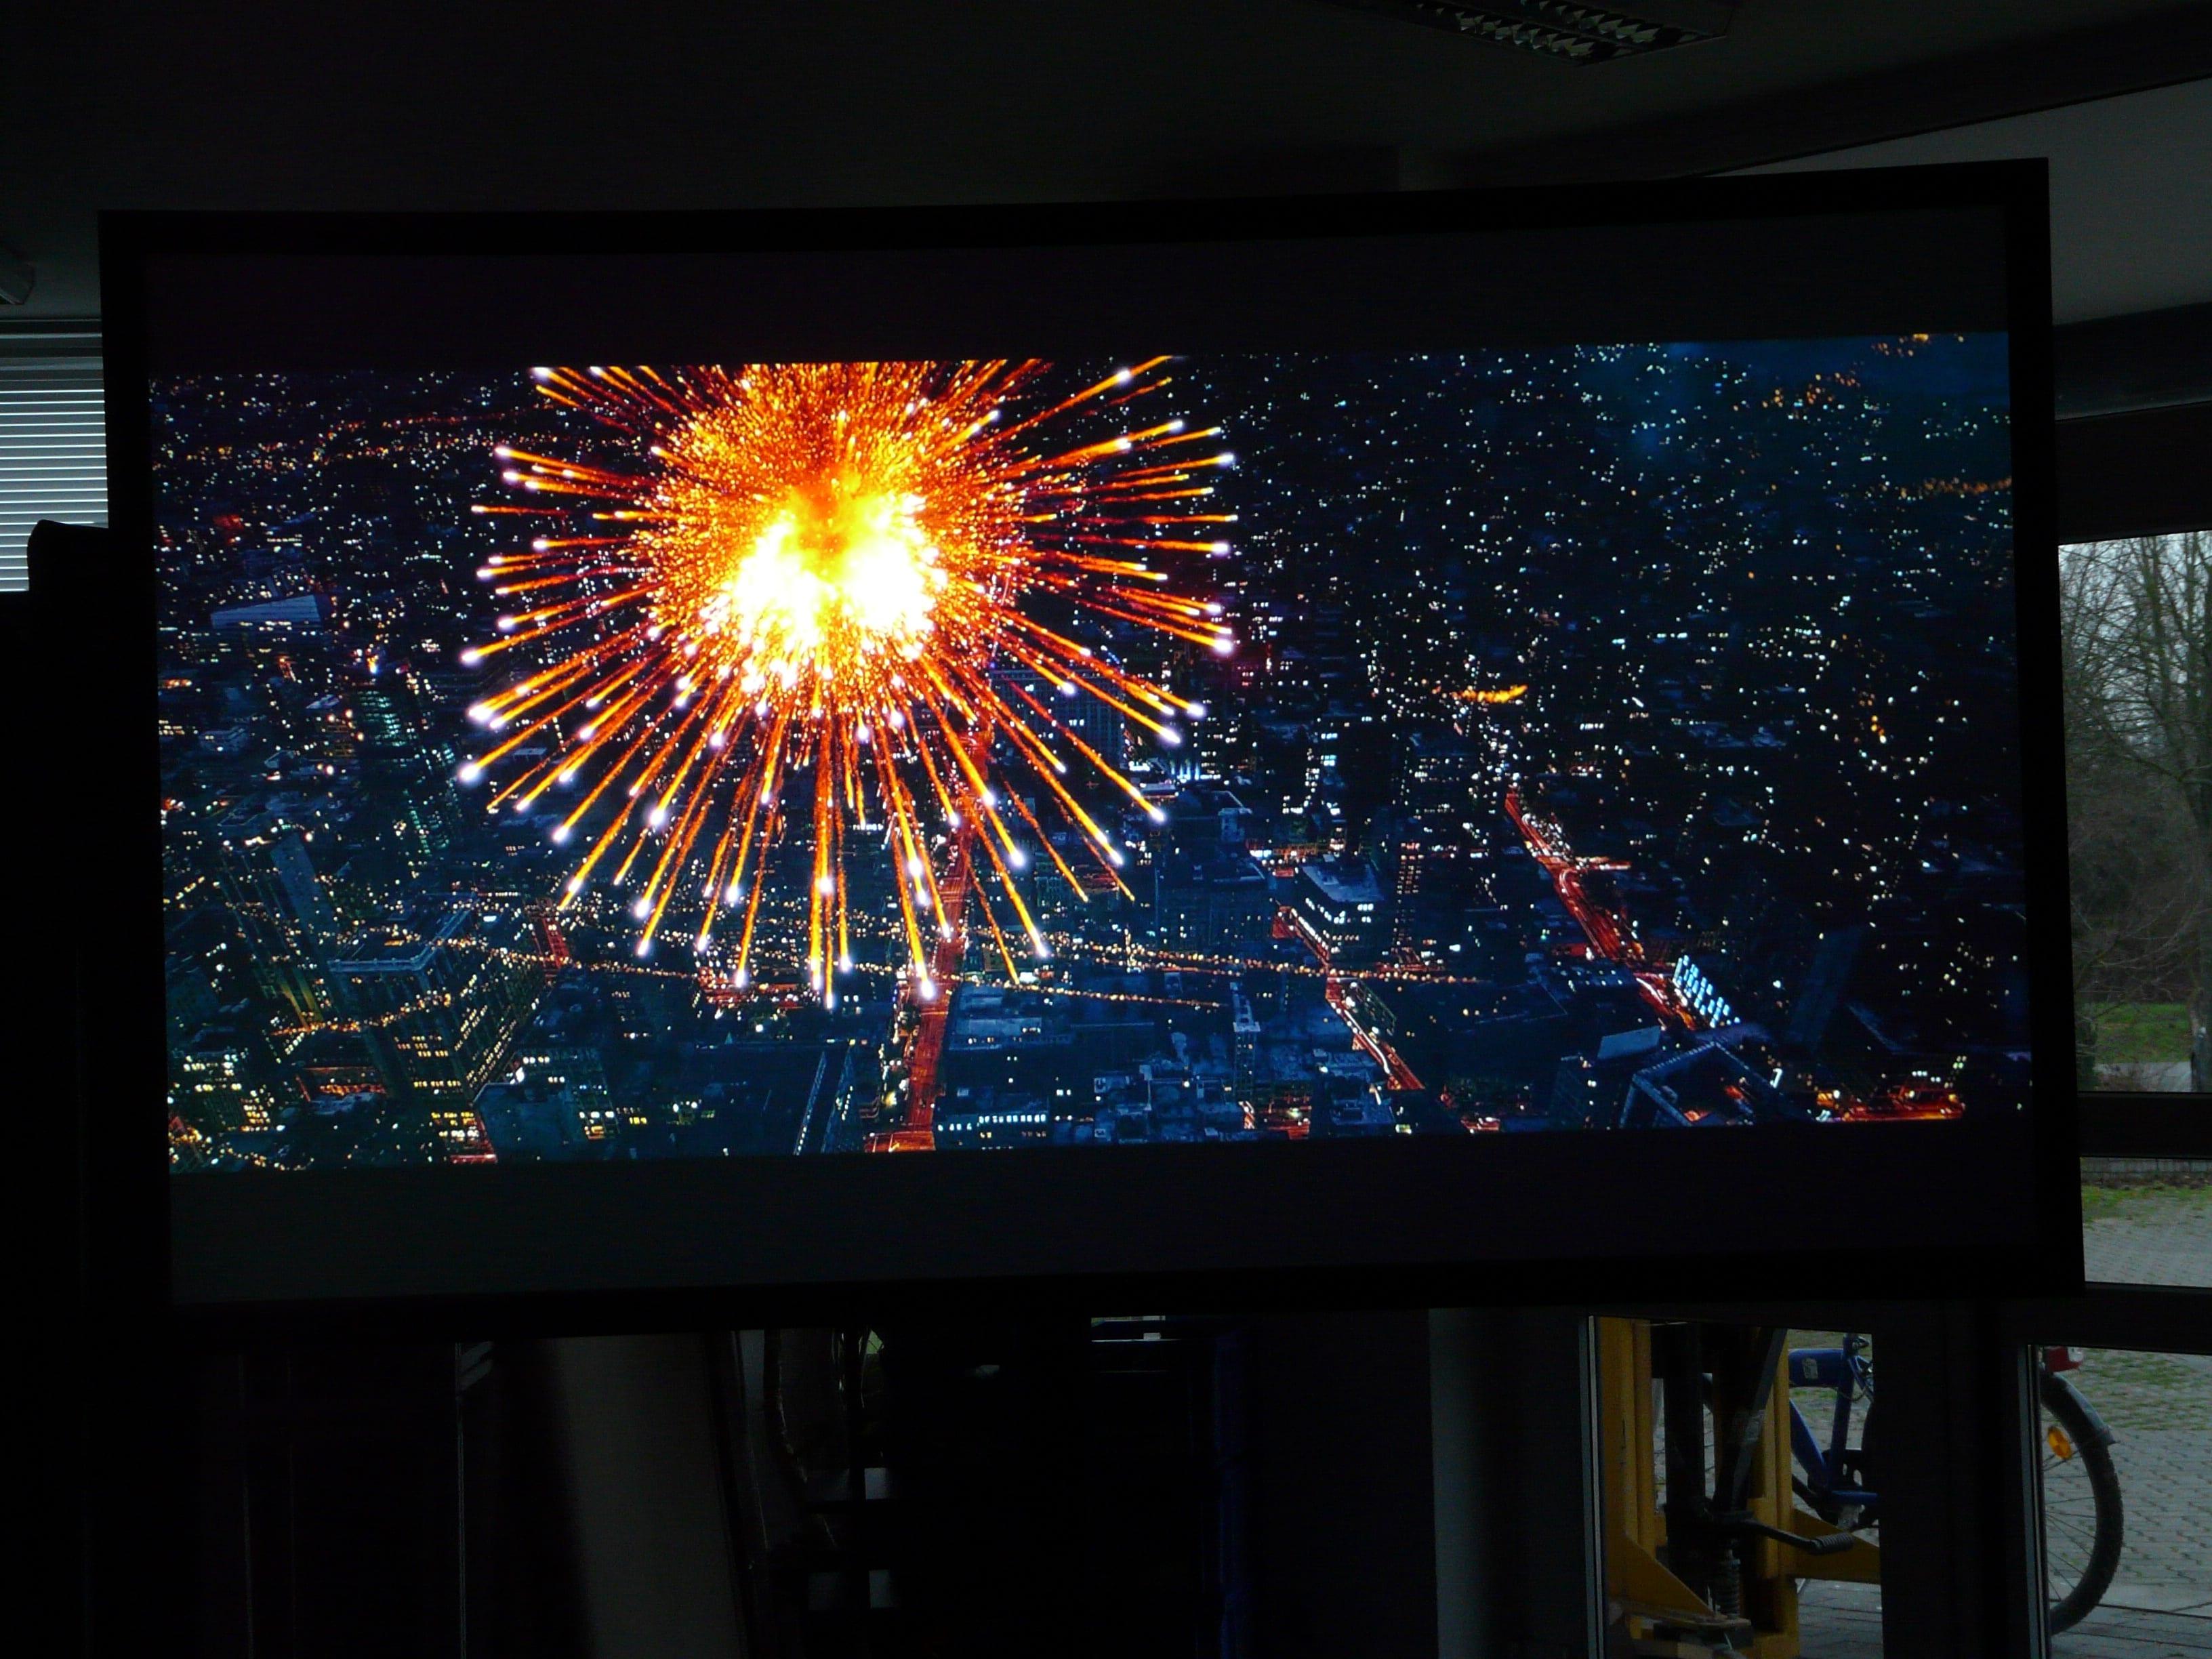 Auf der CouchScreen Leinwand wirken auch am Tag Nachtaufnahmen brillant und kontrastreich.